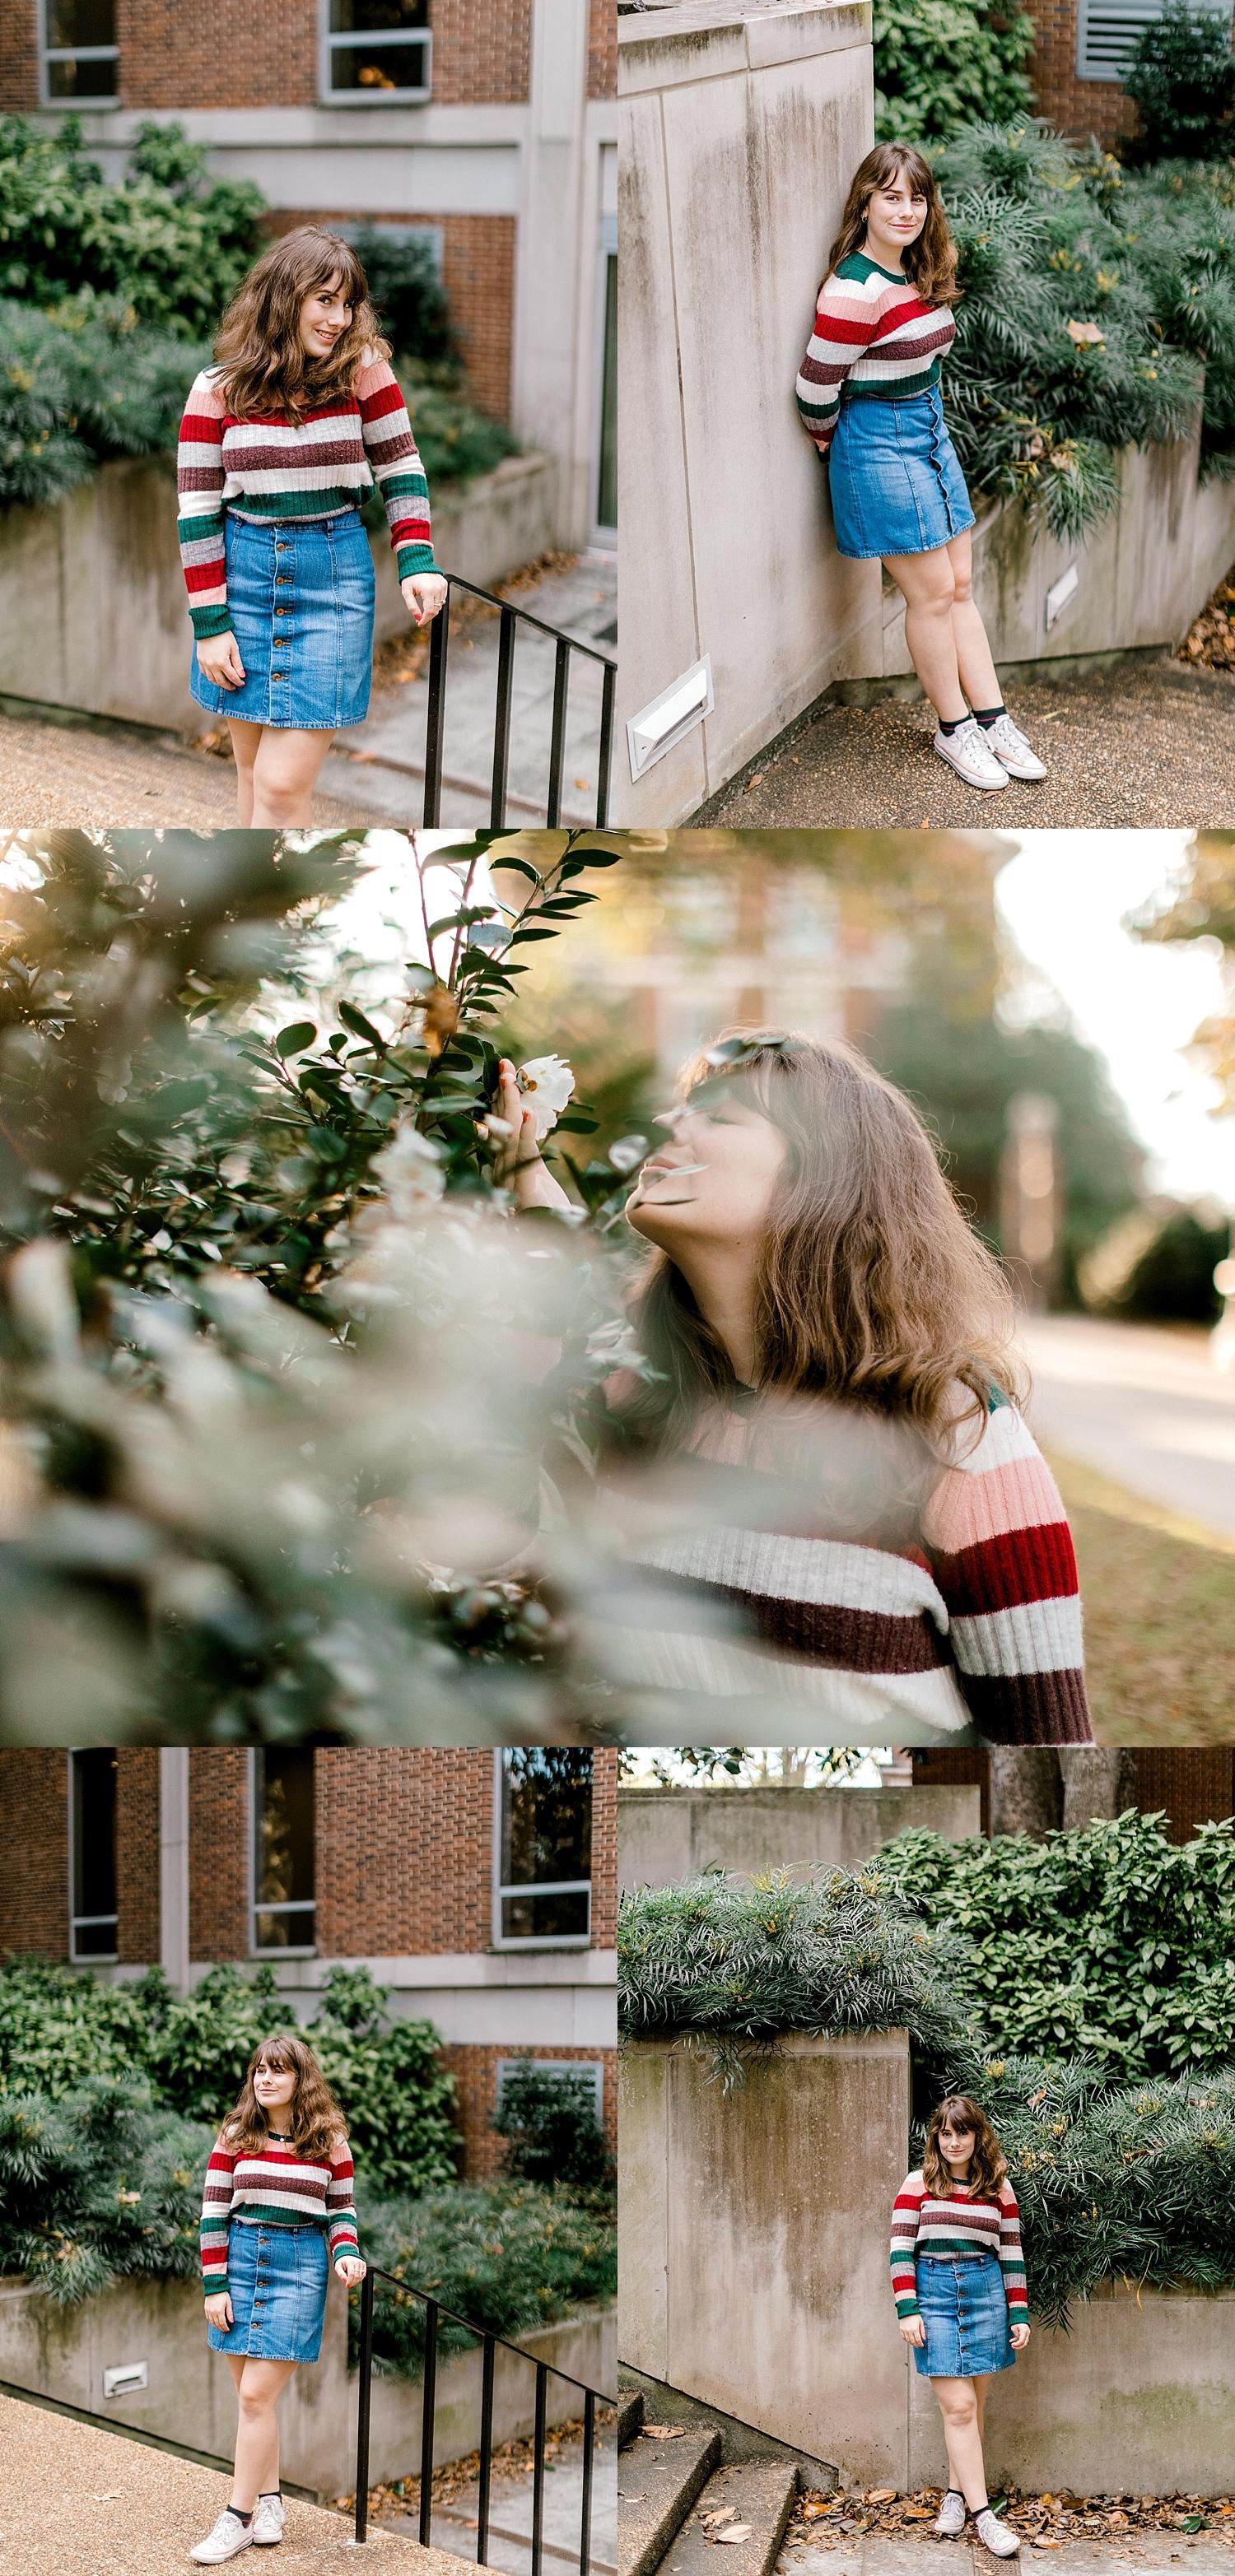 www.heatherwallphoto.com